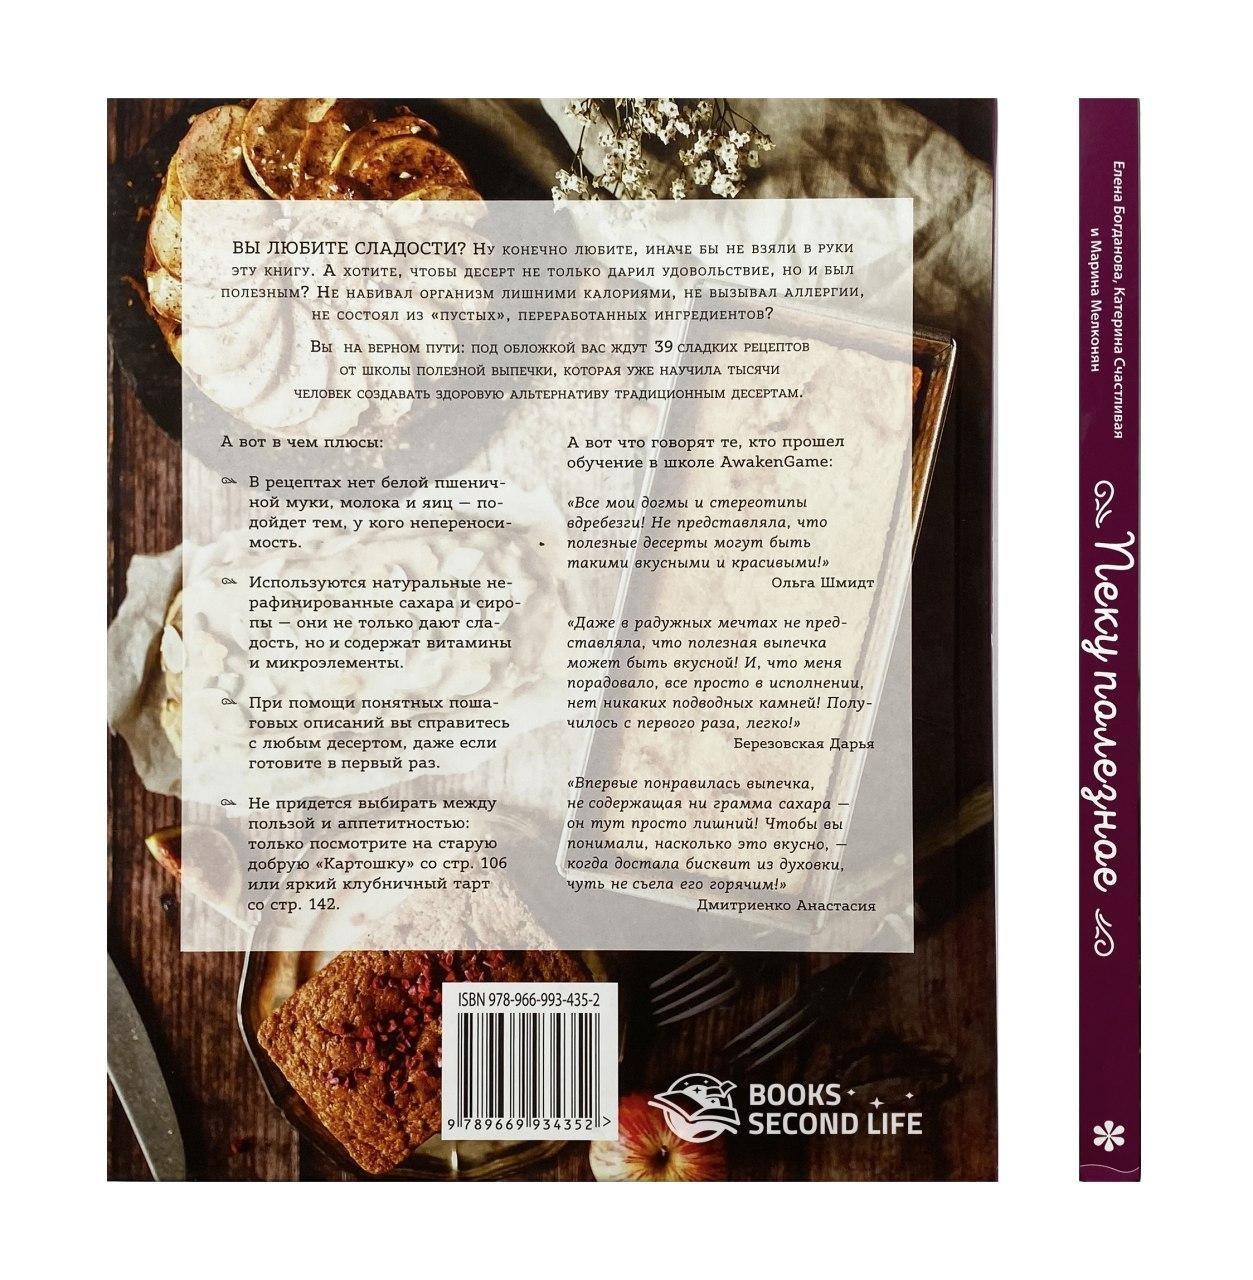 Пеку полезное. Волшебные десерты без белых муки и сахара. Автор — Елена Богданова, Катерина Счастливая, Марина Мелконян. Переплет —